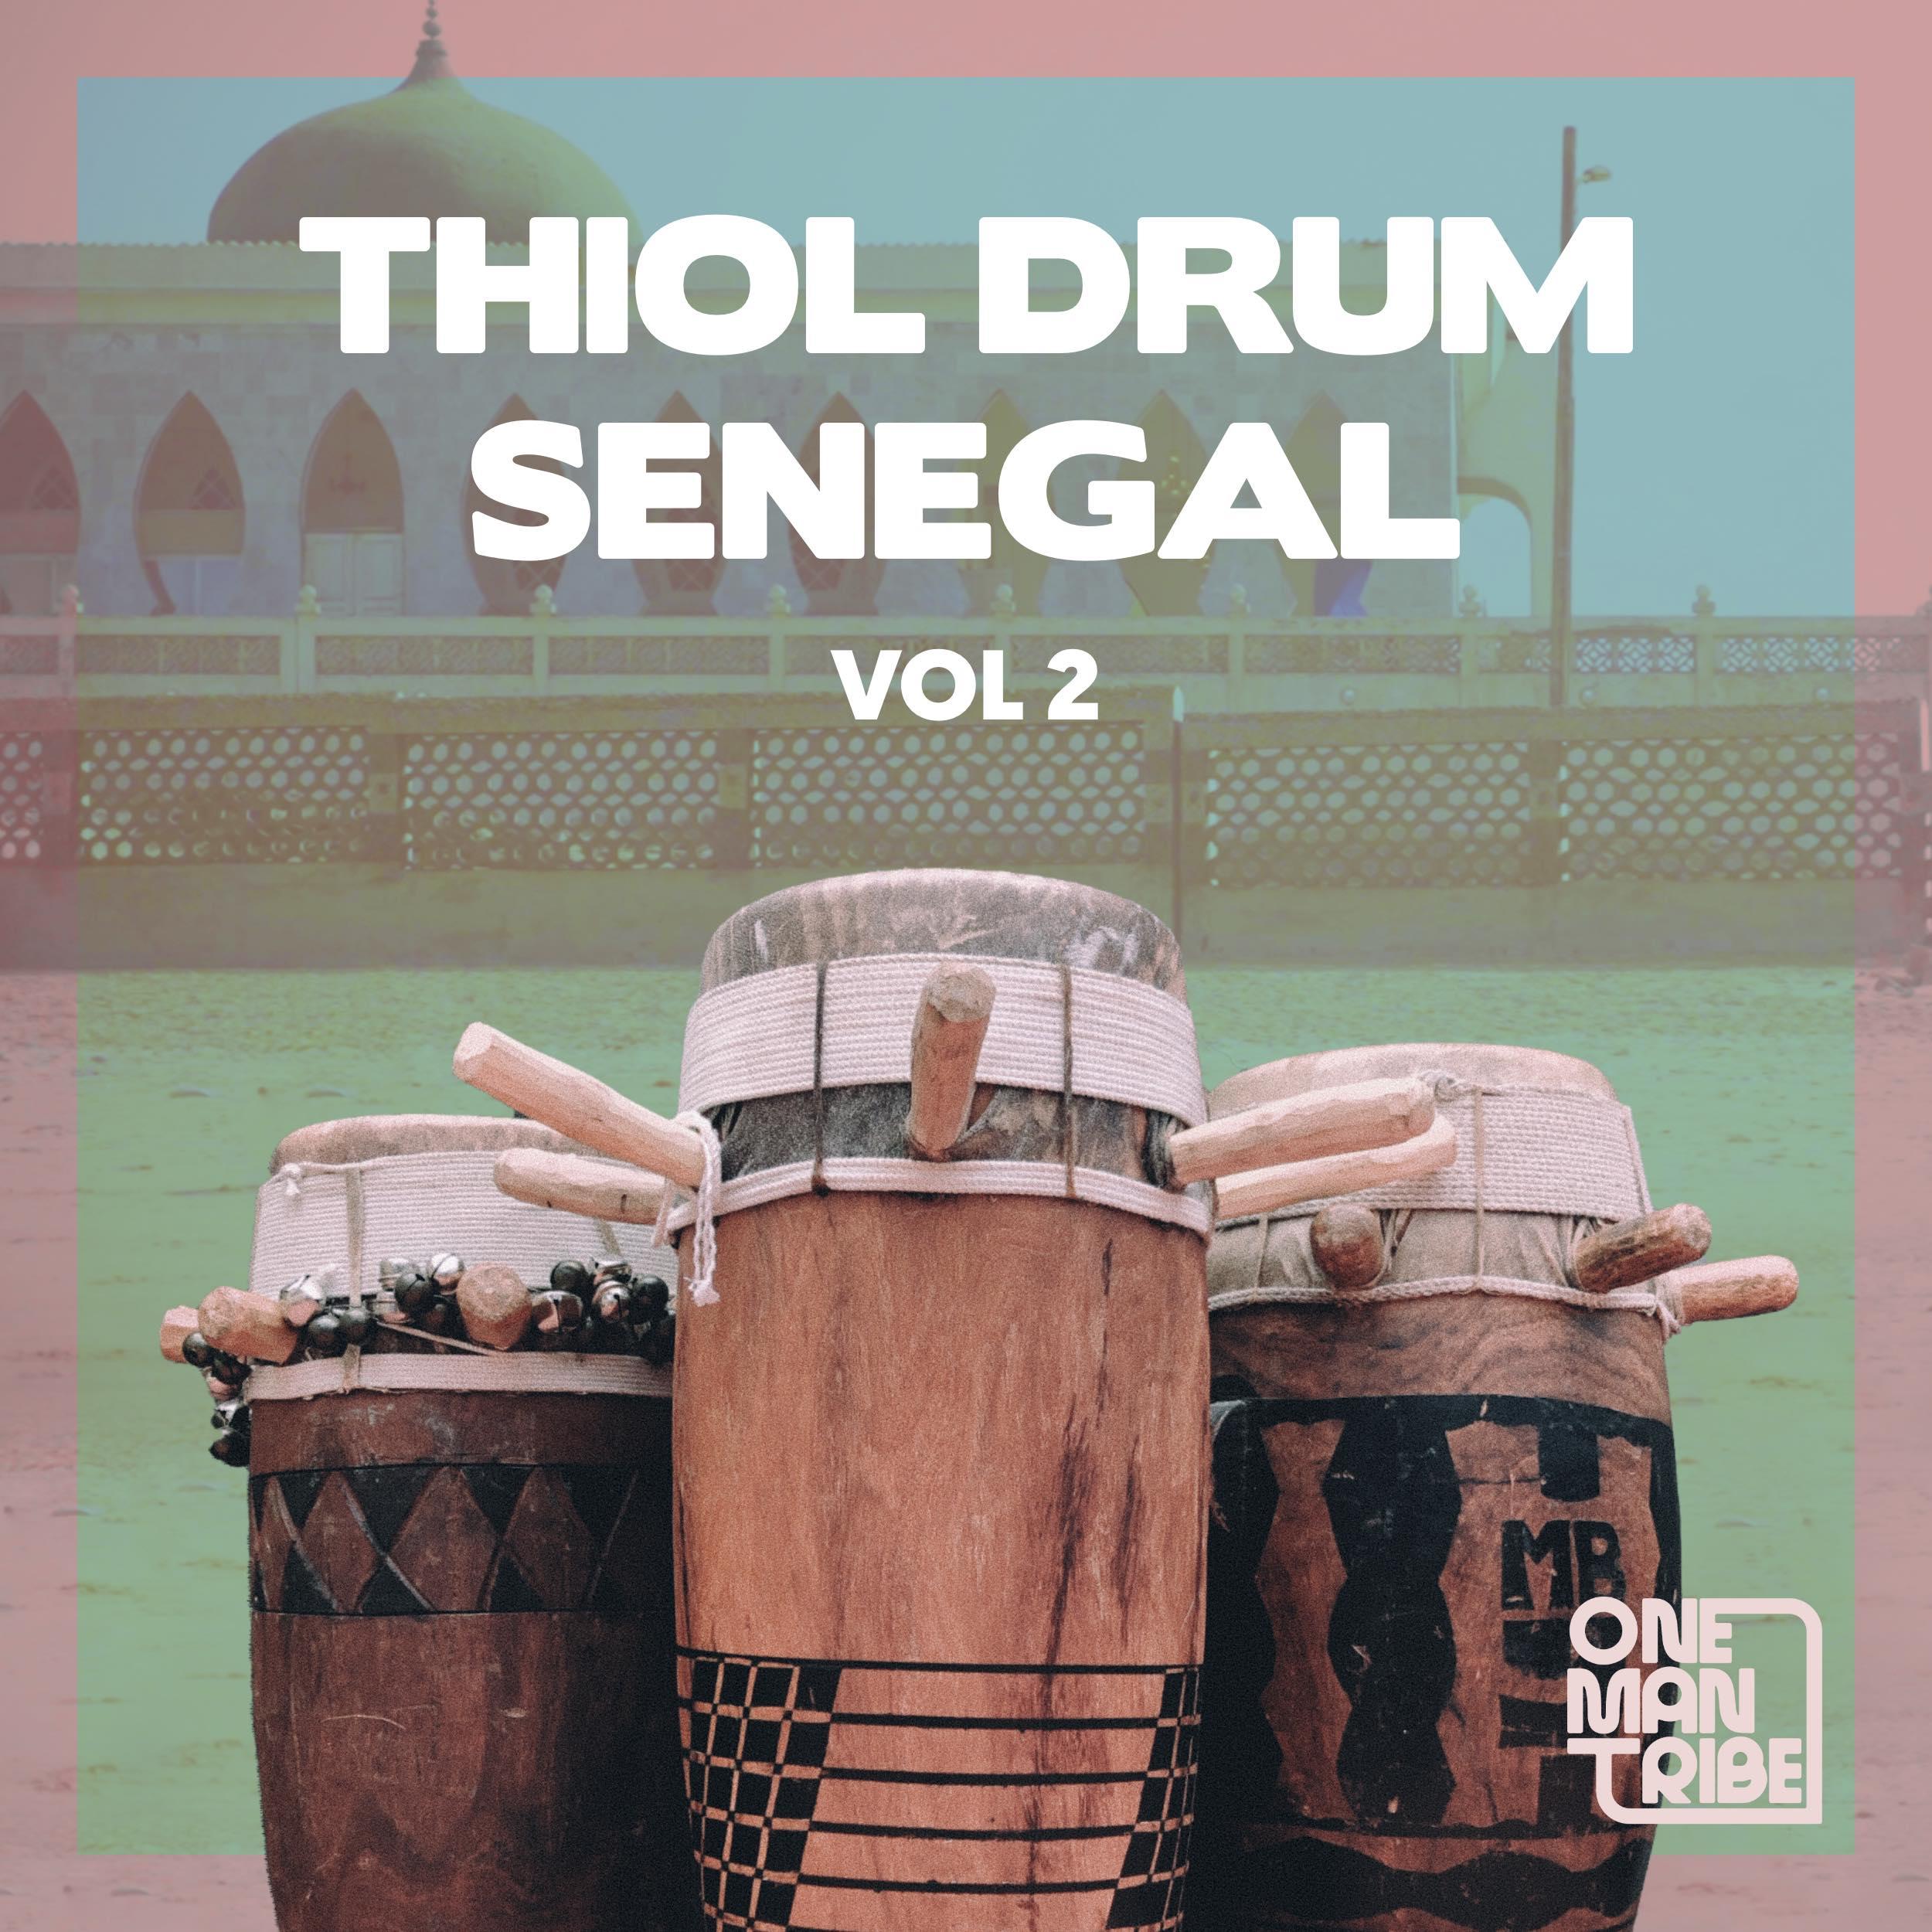 Thiol Drum Senegal  Vol. 2